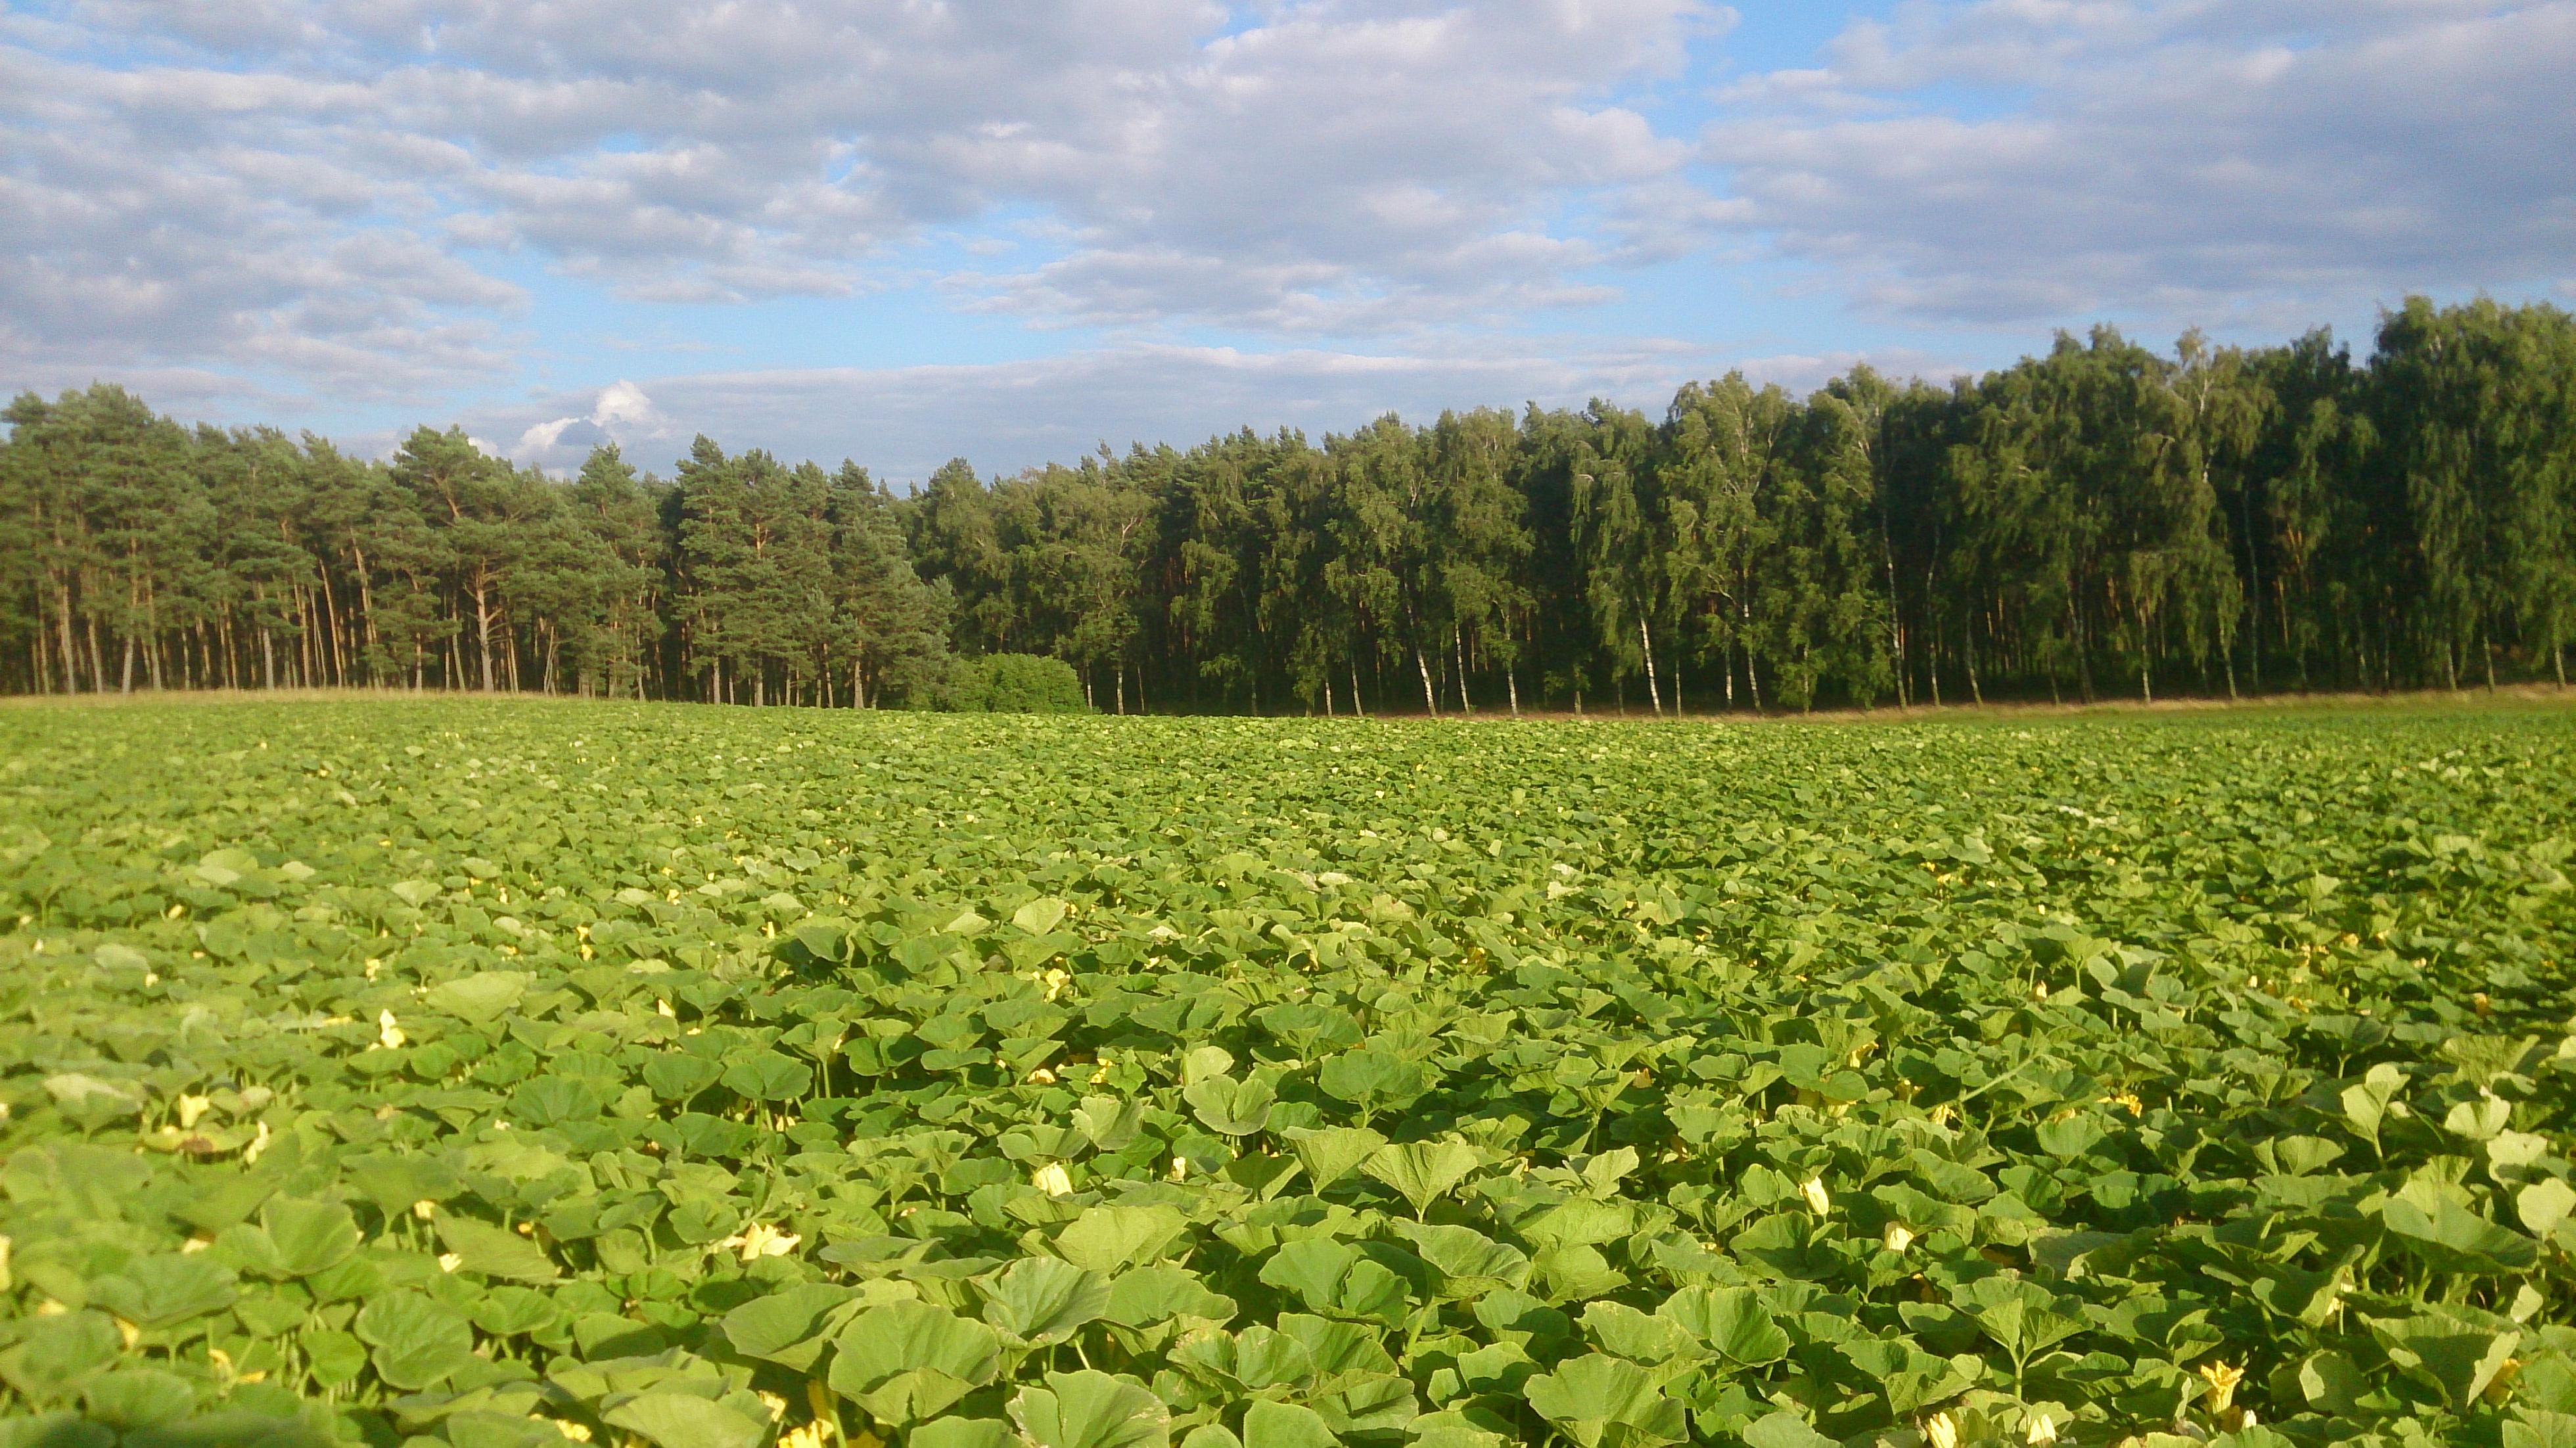 Ein großes Hokkaido-Kürbisfeld vor einem dichten Waldstück.